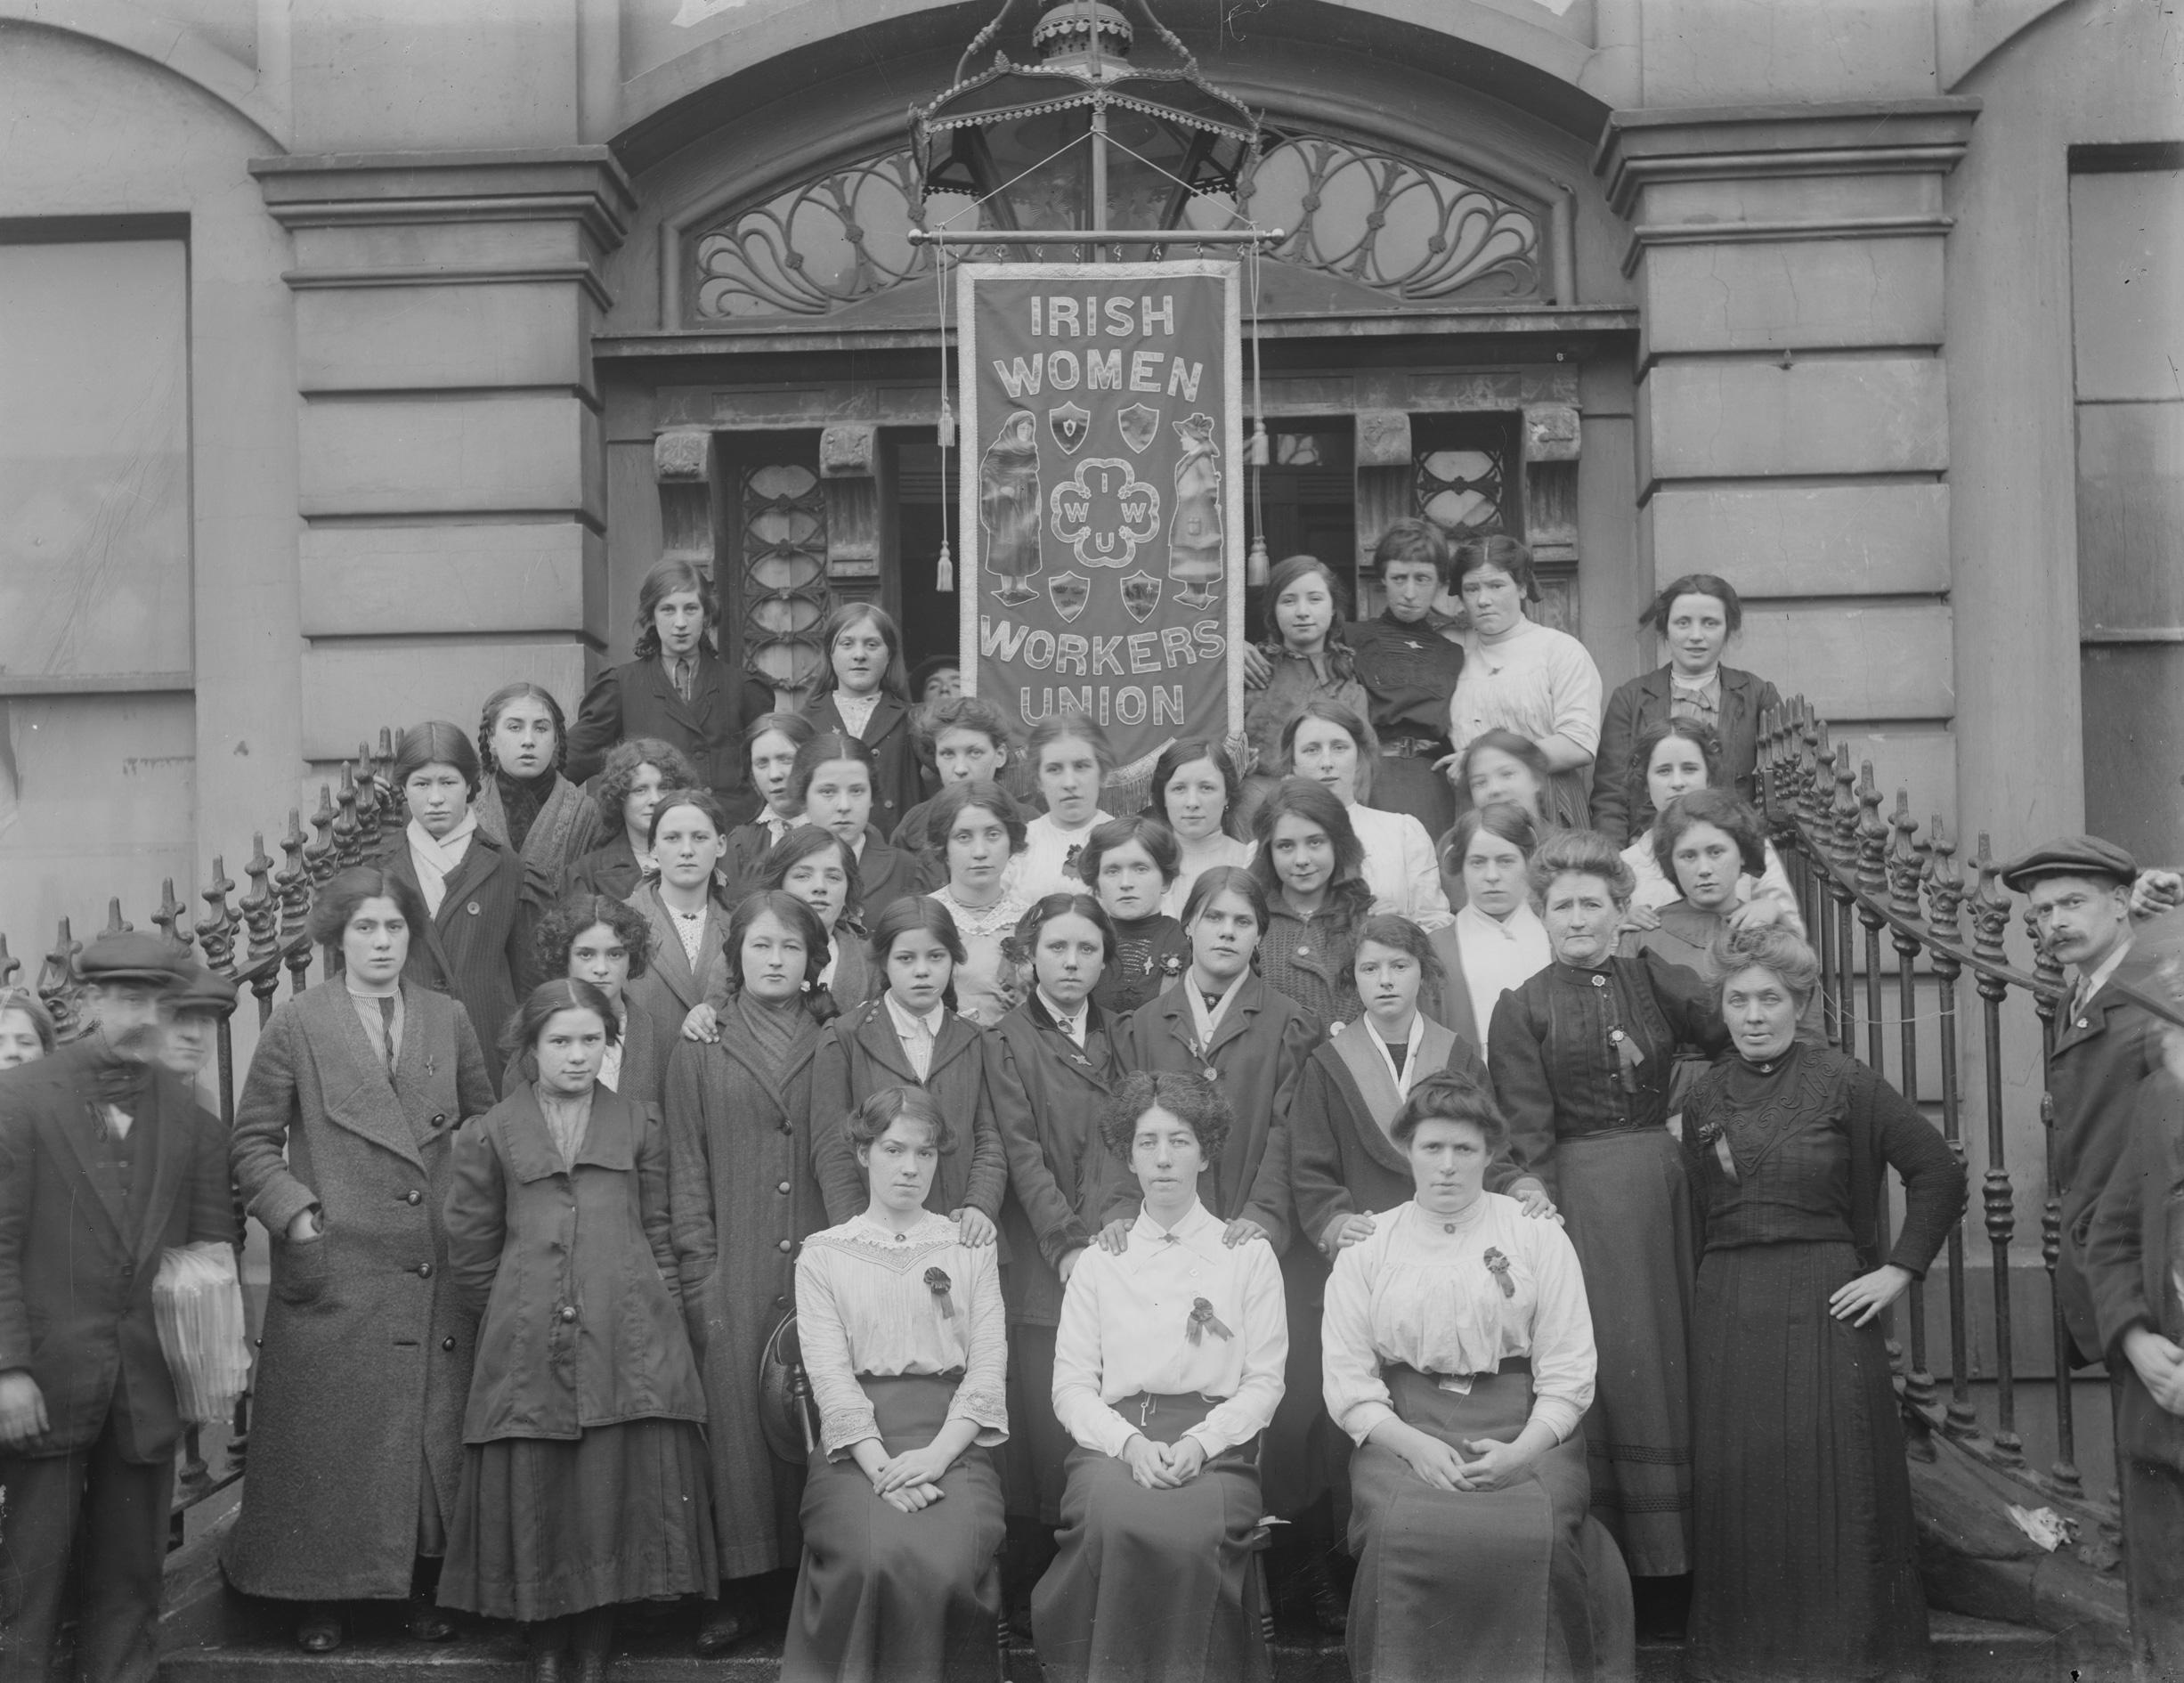 1916-rising-irish-womens-workers-union